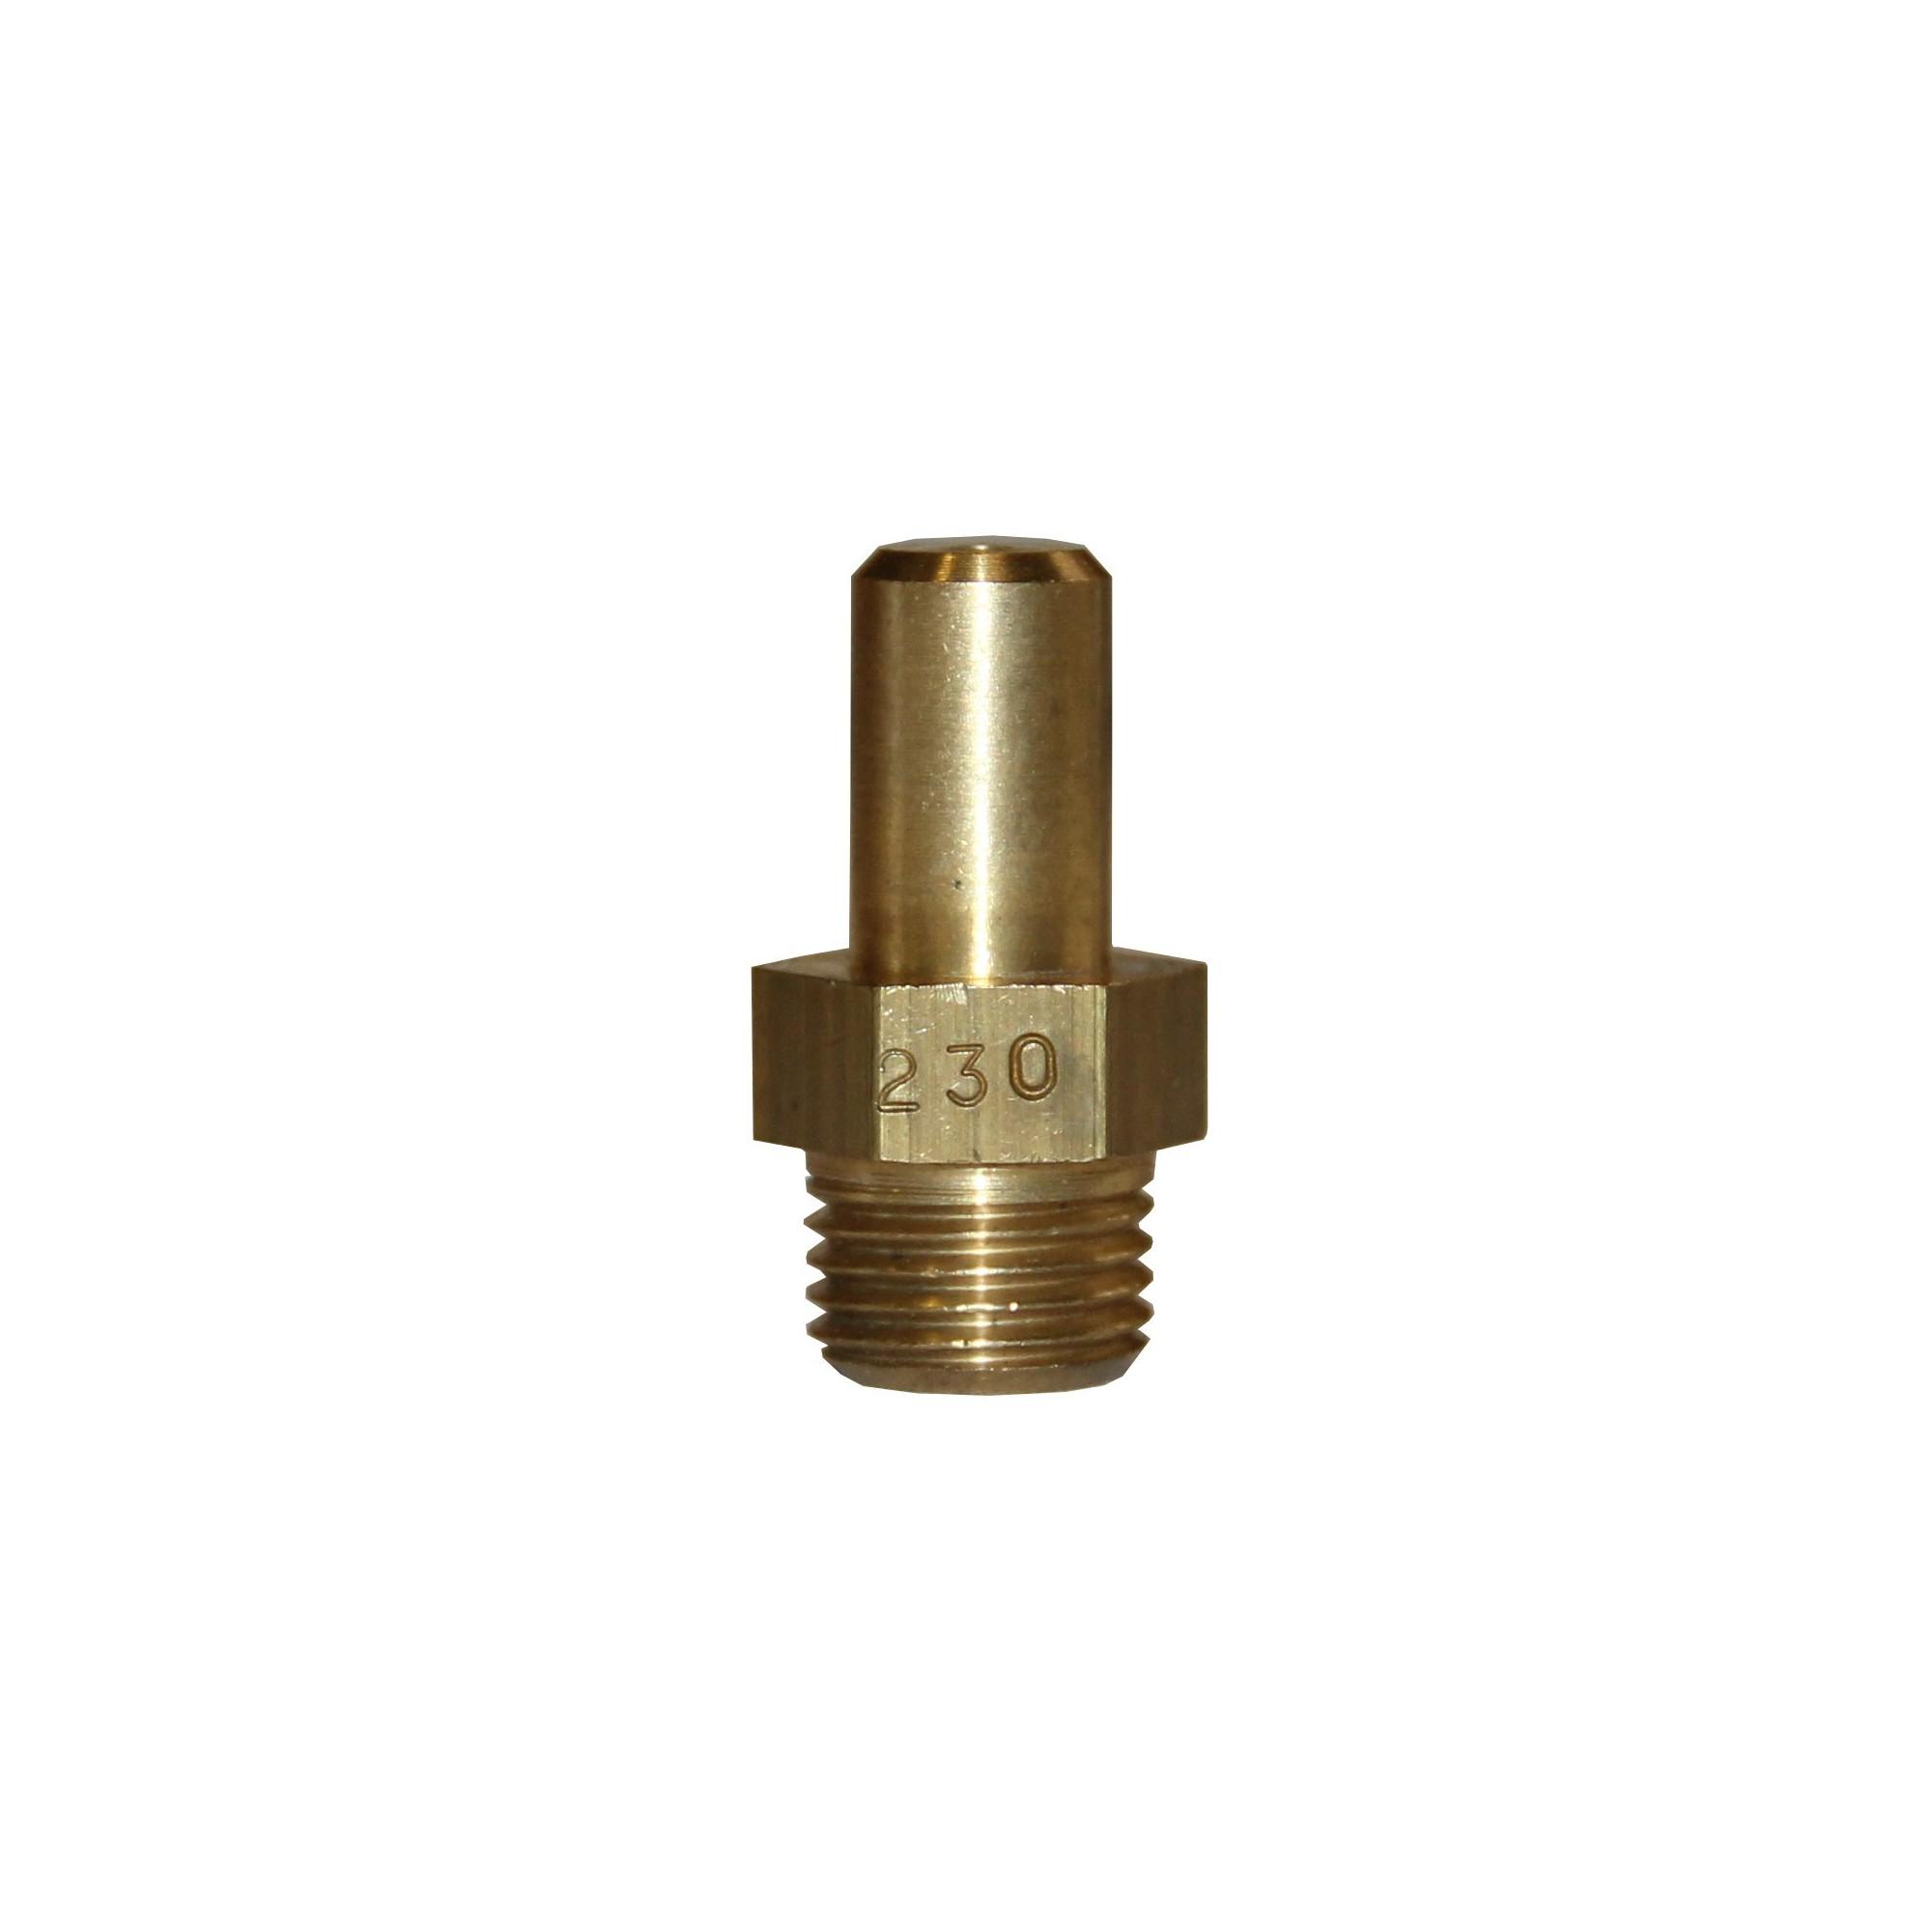 INJECTEUR PRINCIPAL GAZ NATURELLE: 230 × 22